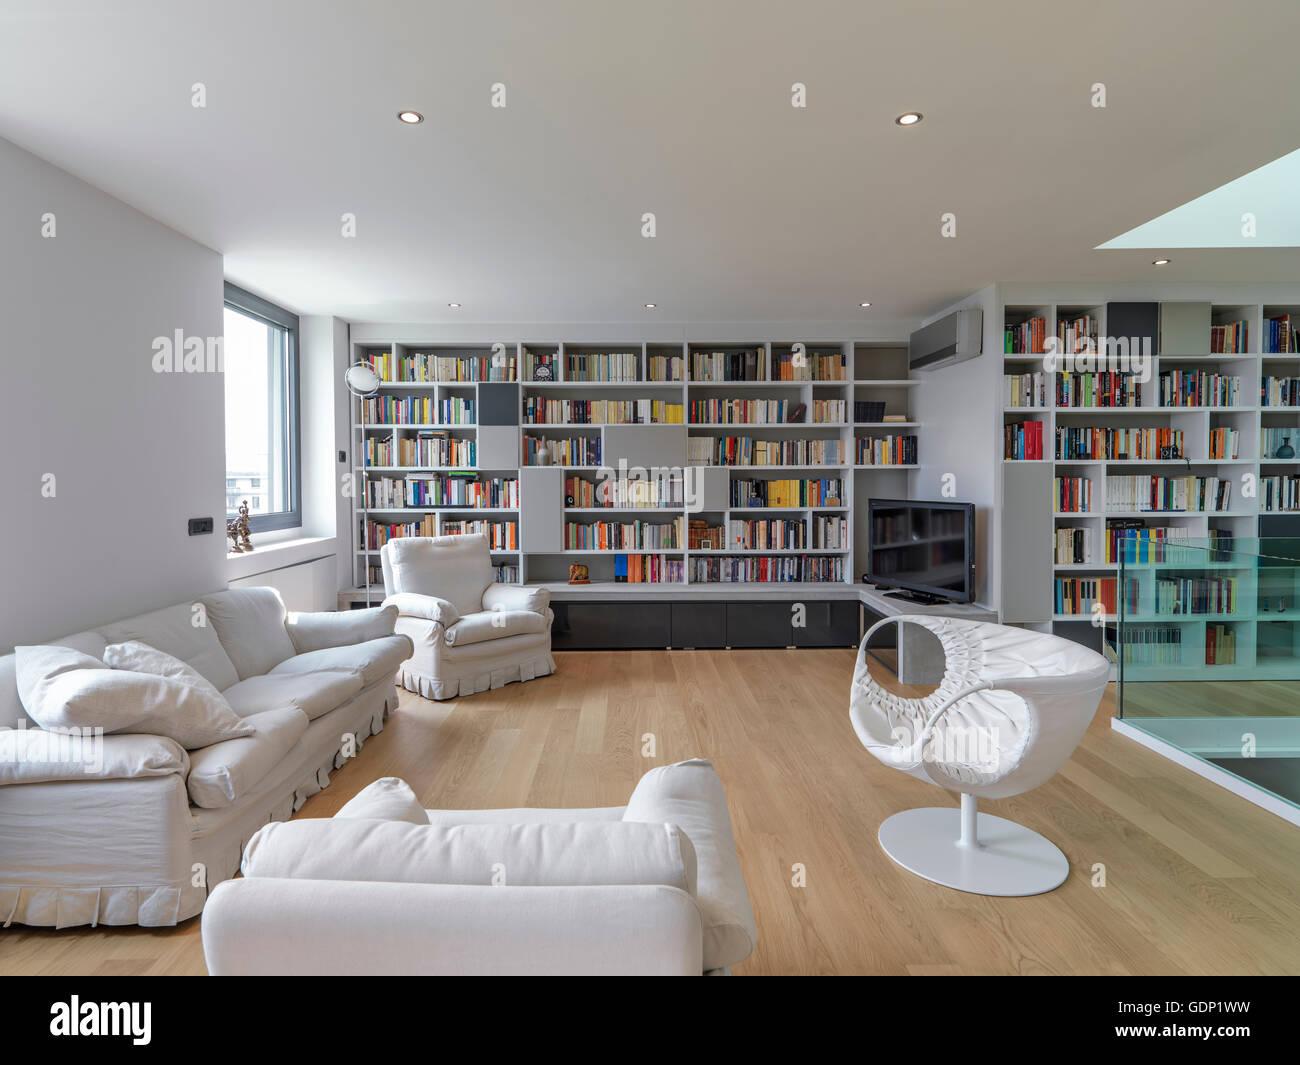 Vista interna di un soggiorno moderno con grandi librerie e